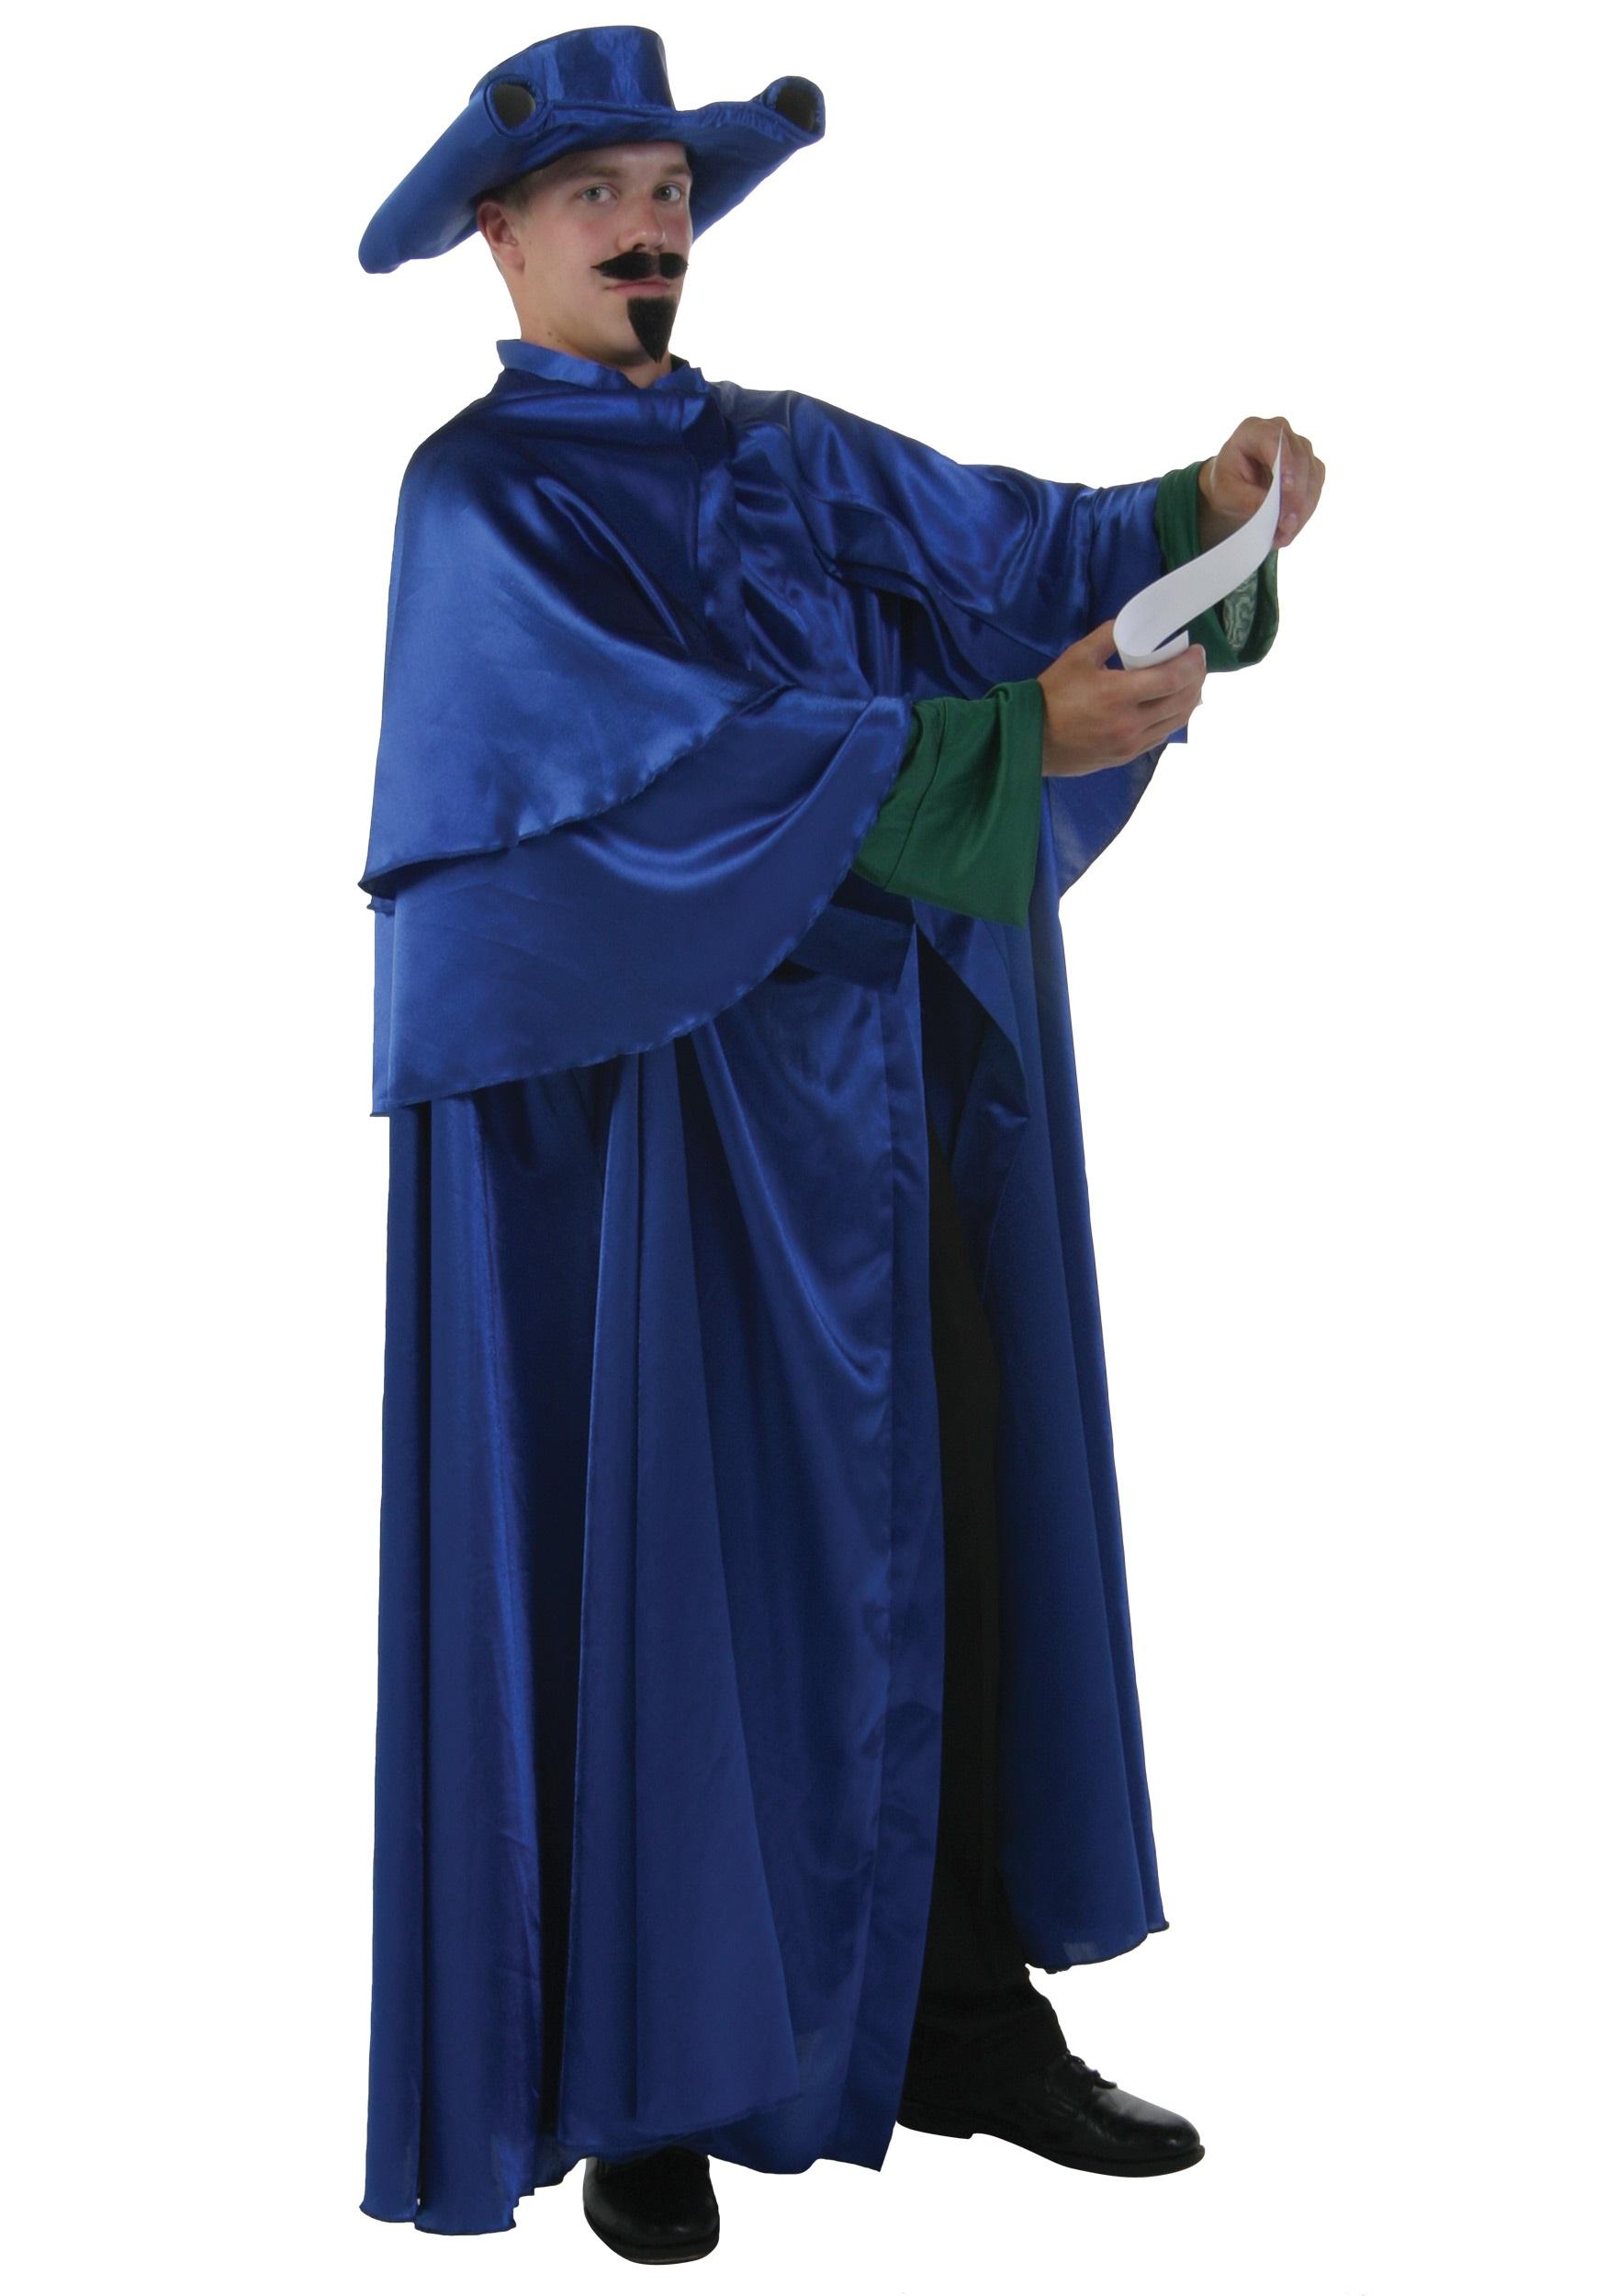 Munchkin Costumes